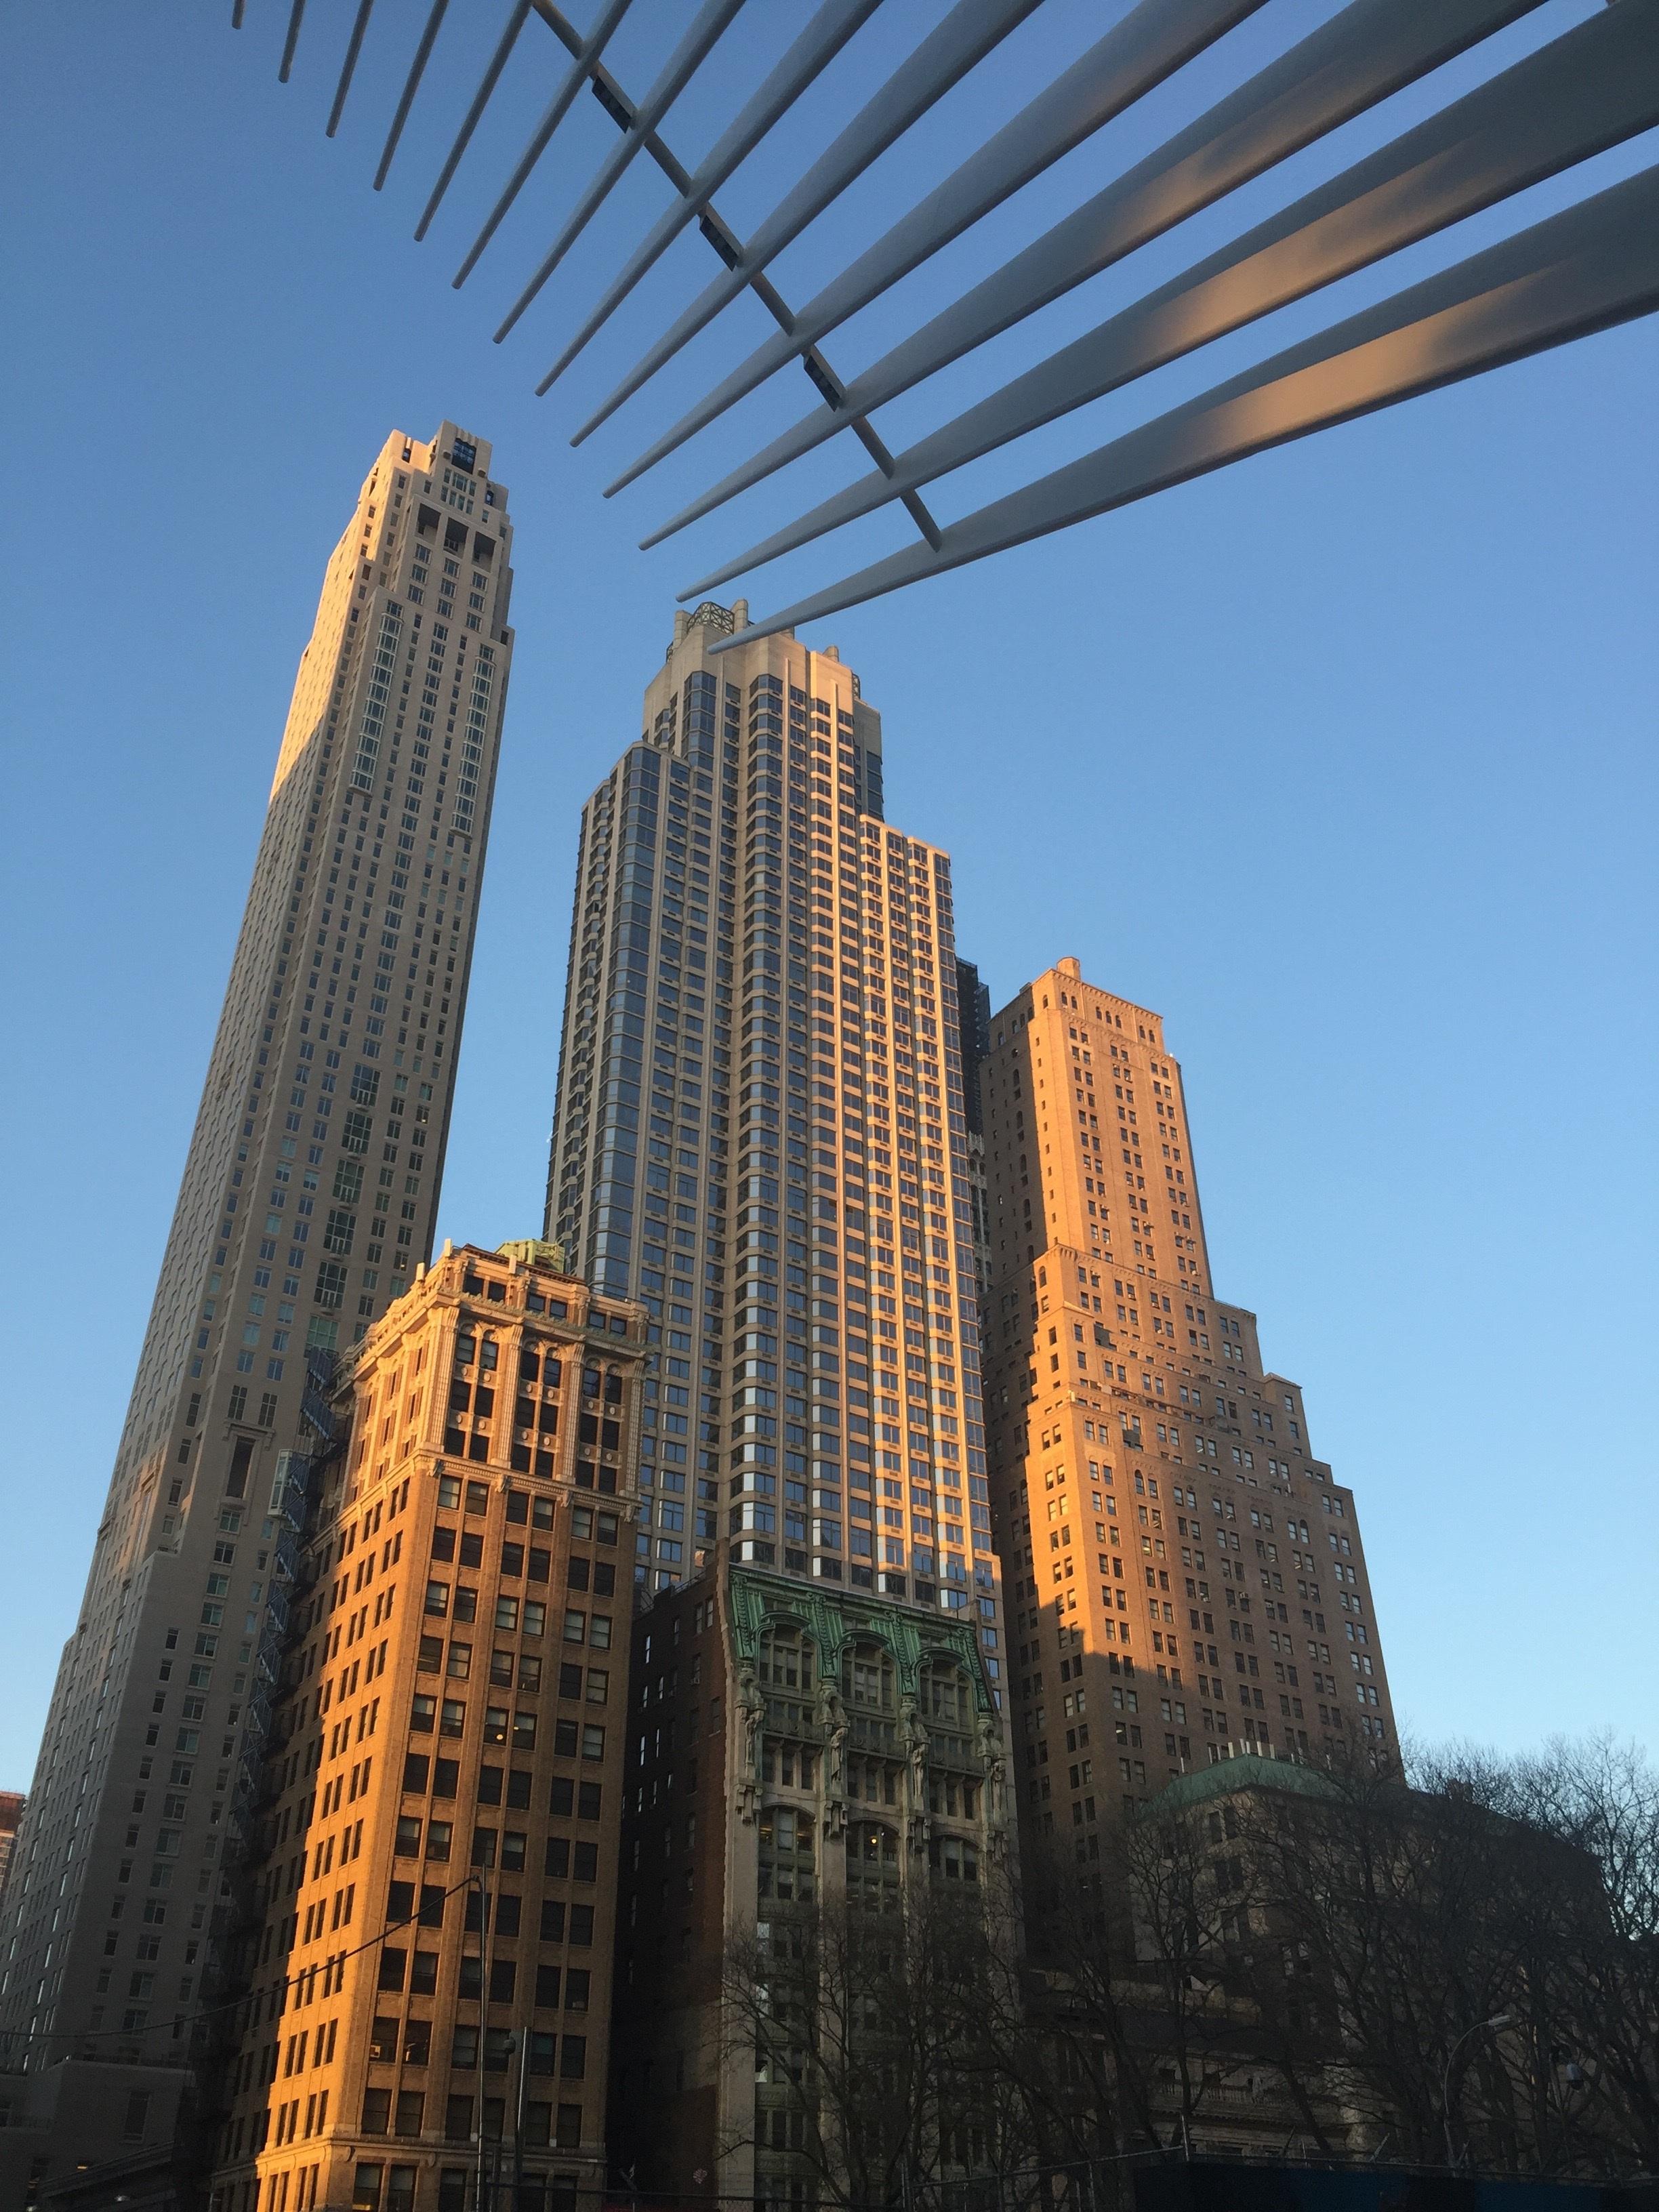 architecture-2714916.jpg